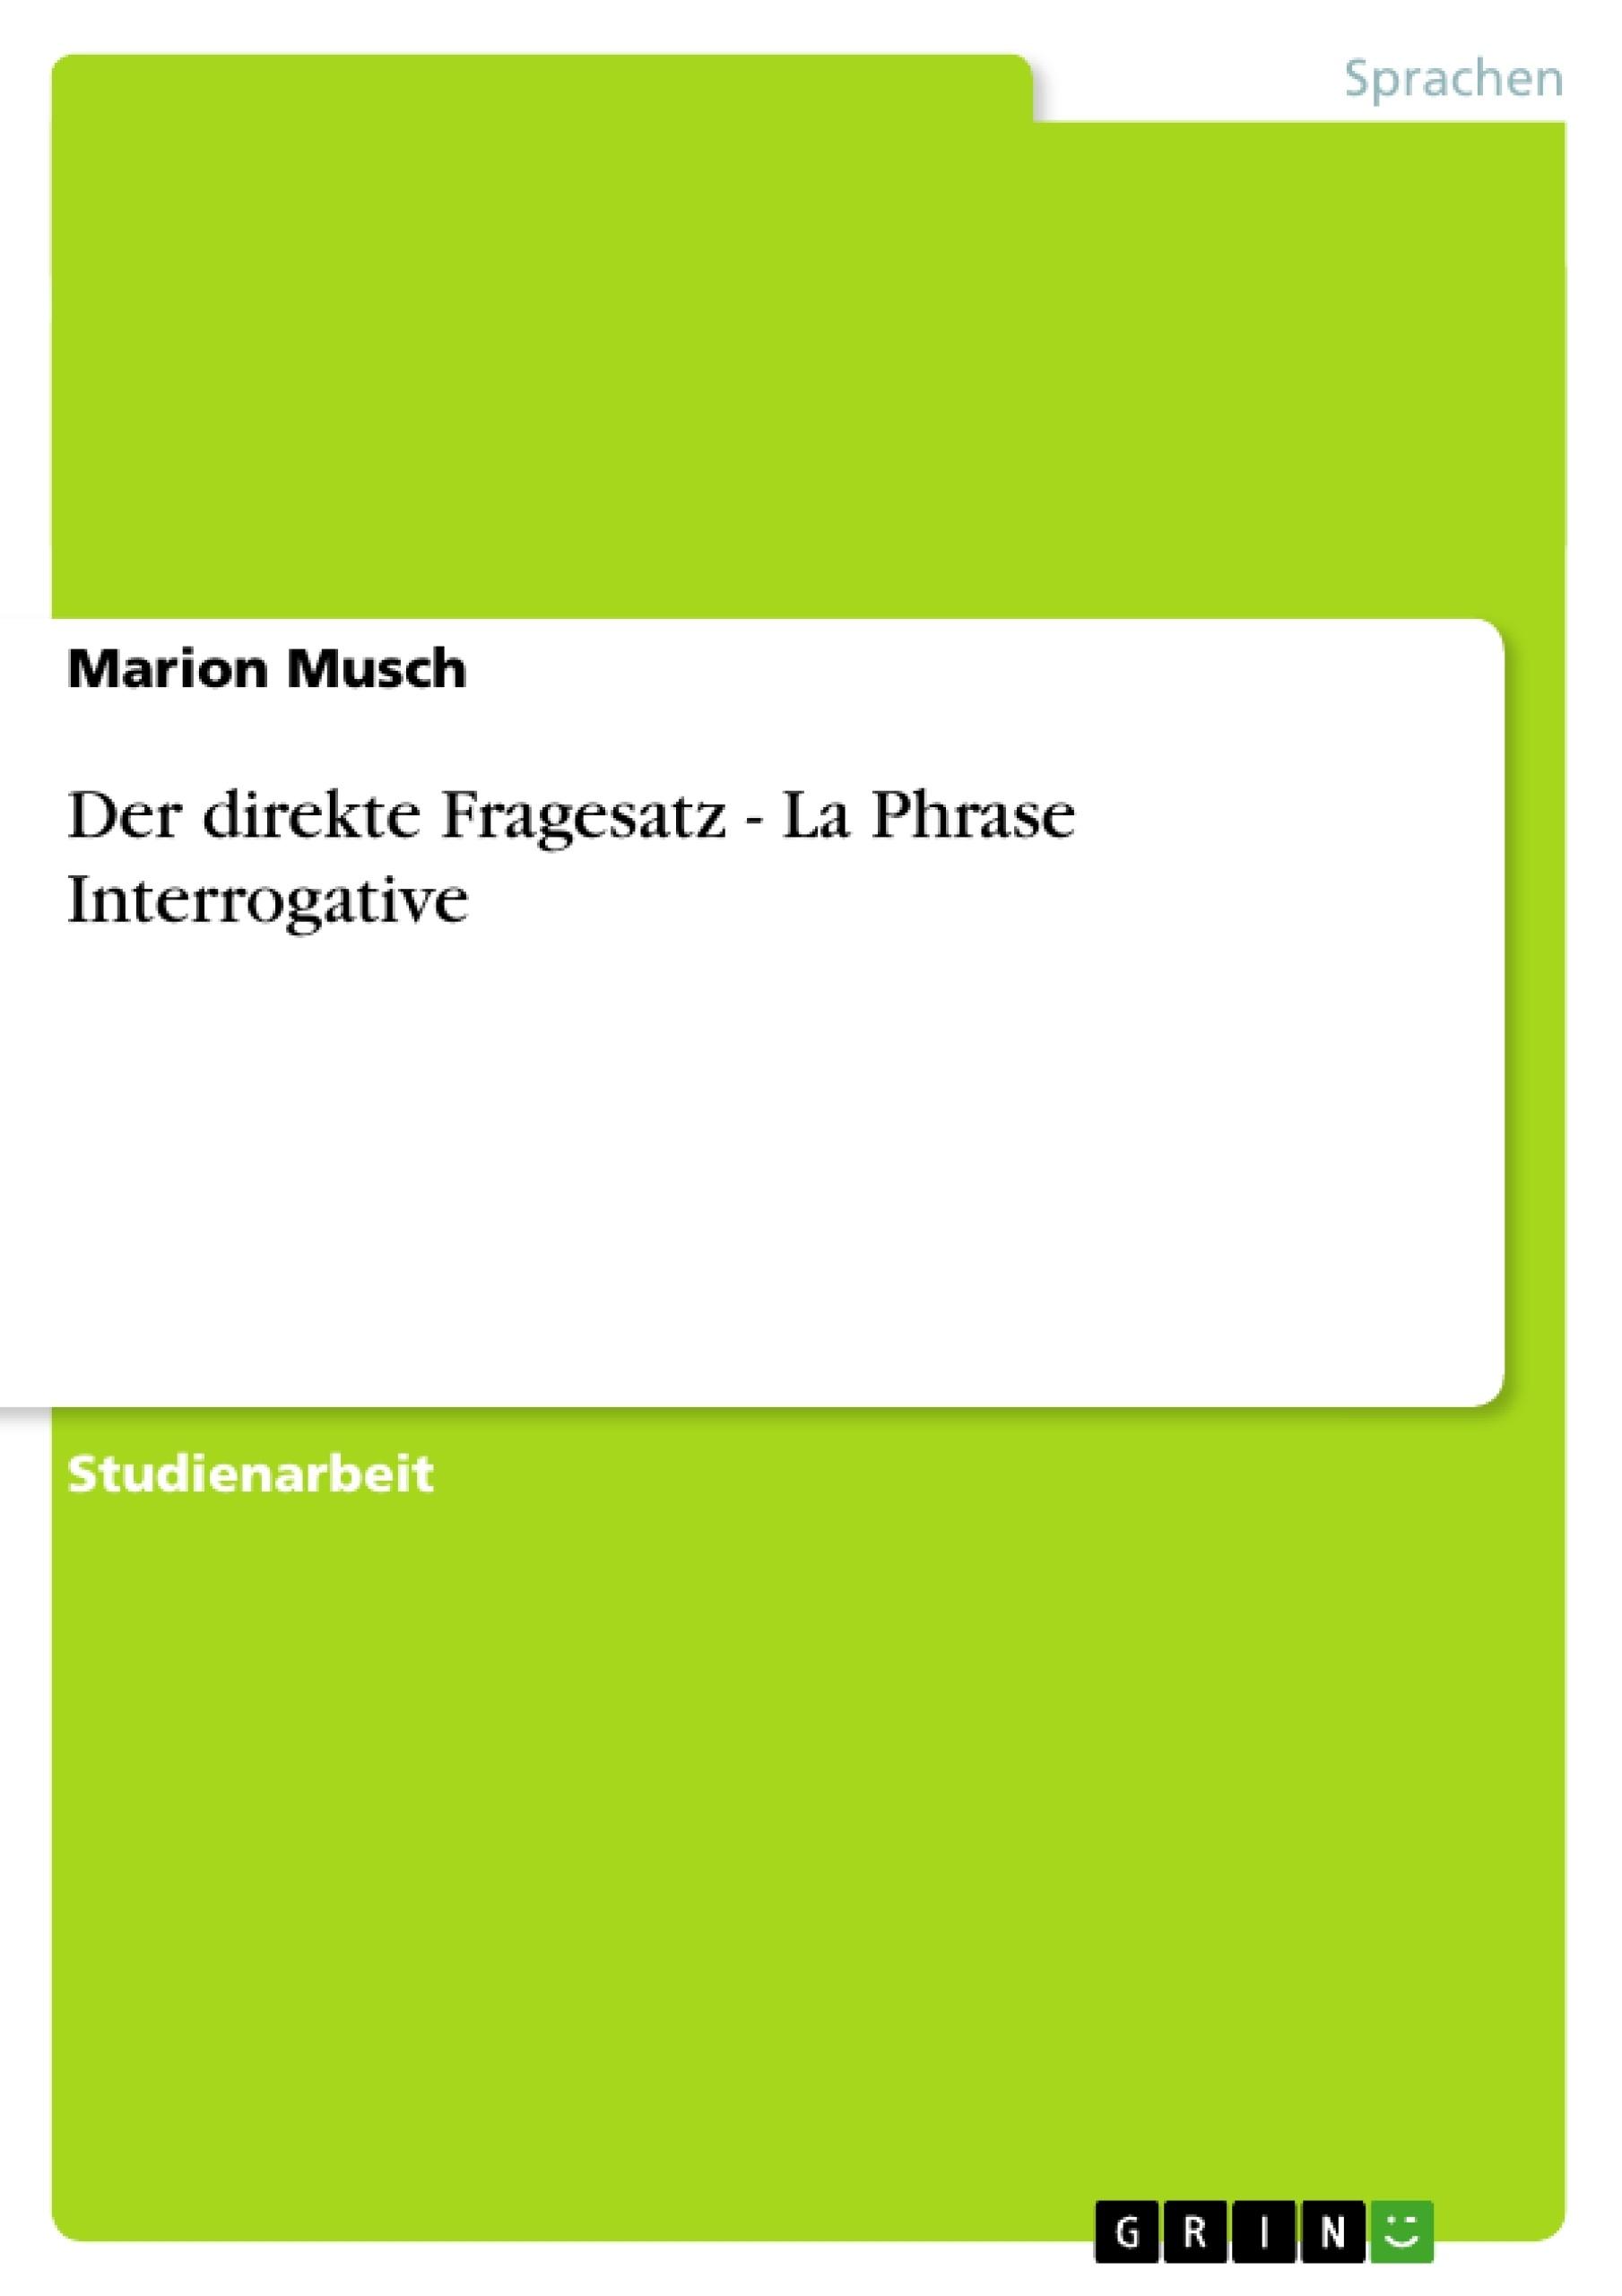 Titel: Der direkte Fragesatz - La Phrase Interrogative